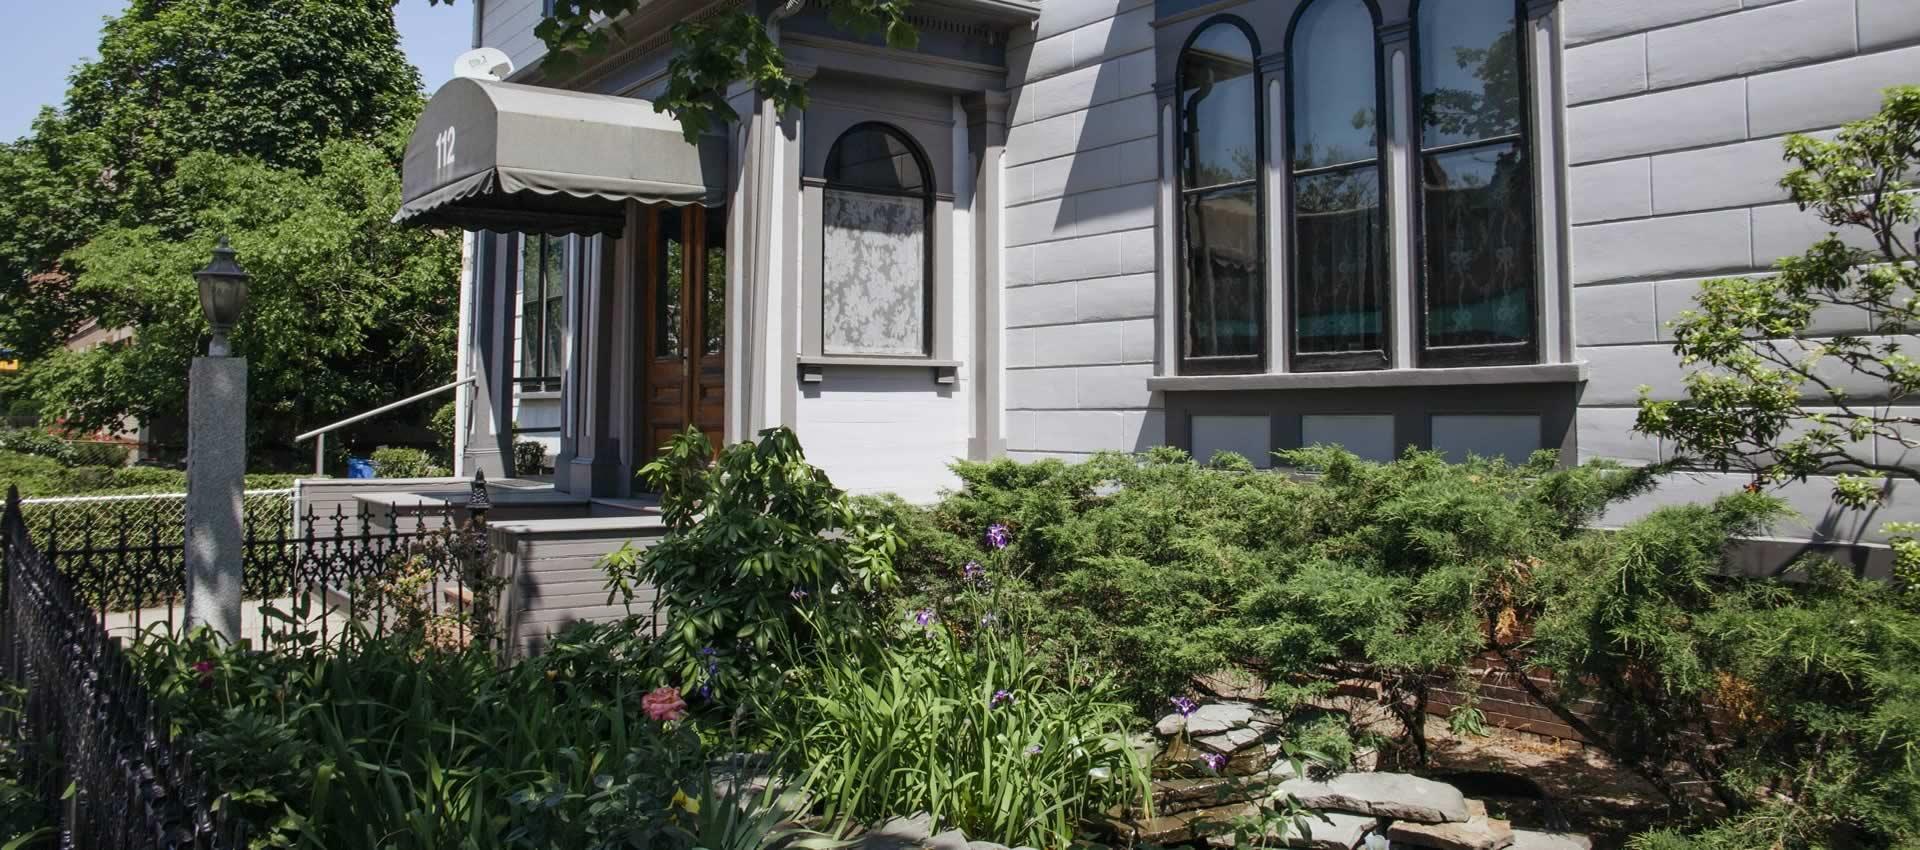 prospect-place-Inn-garden